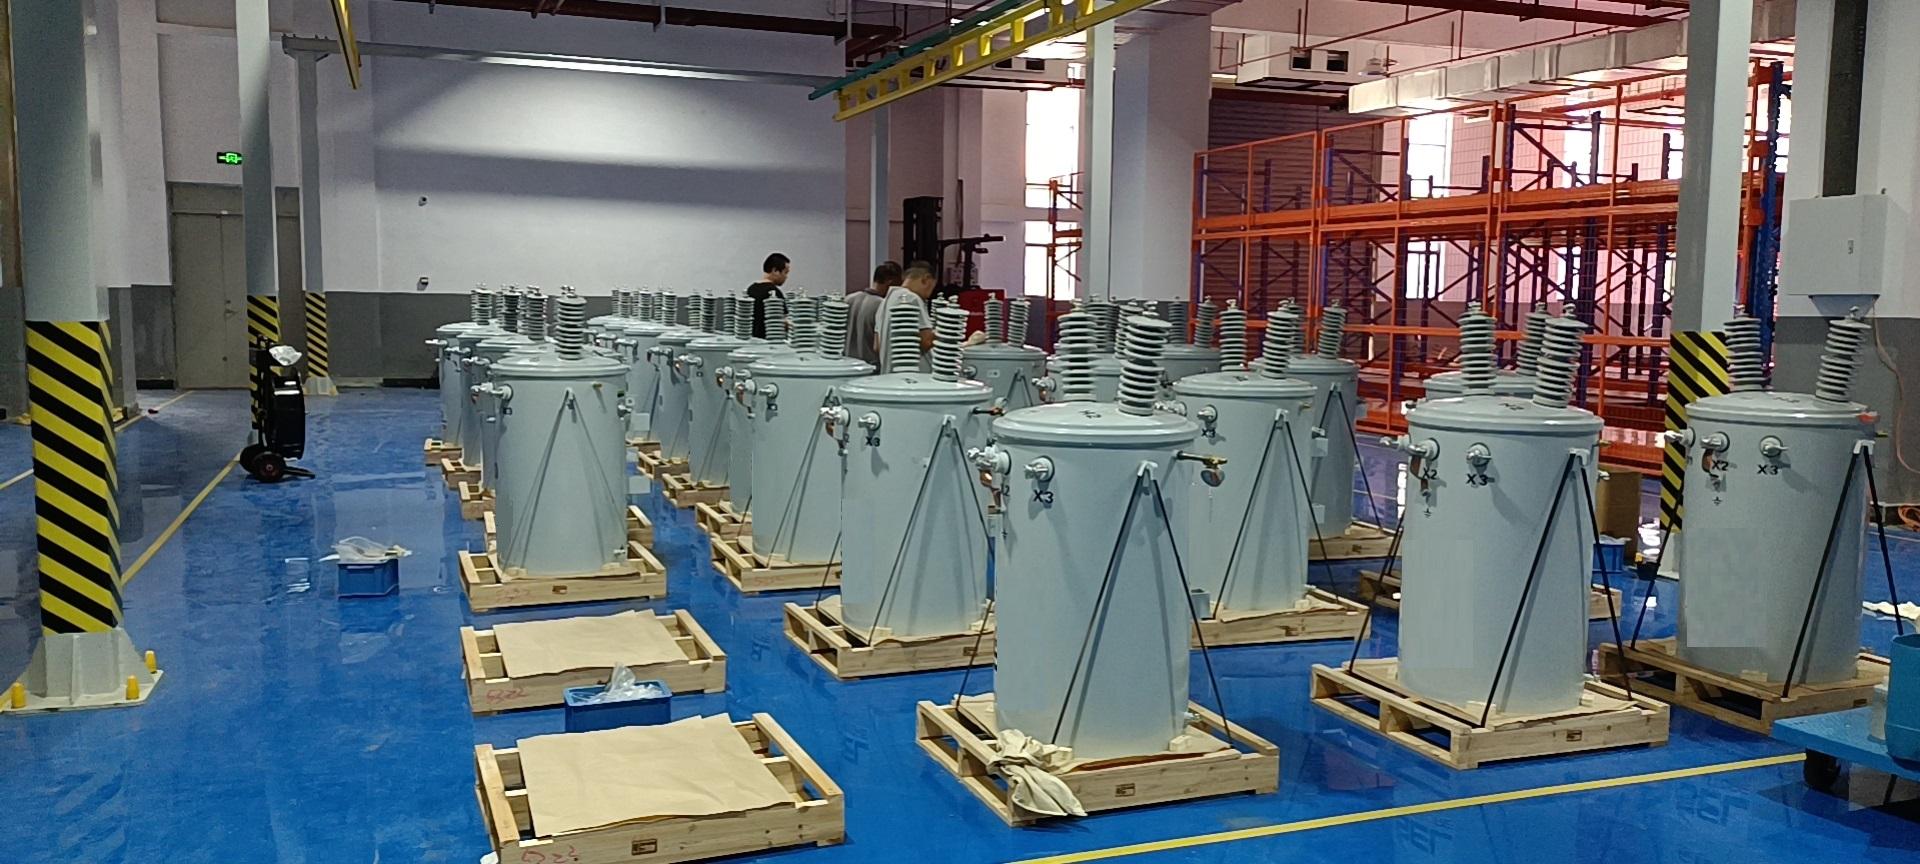 伊戈尔柱上式配电易胜博安卓智能制造项目顺利投产